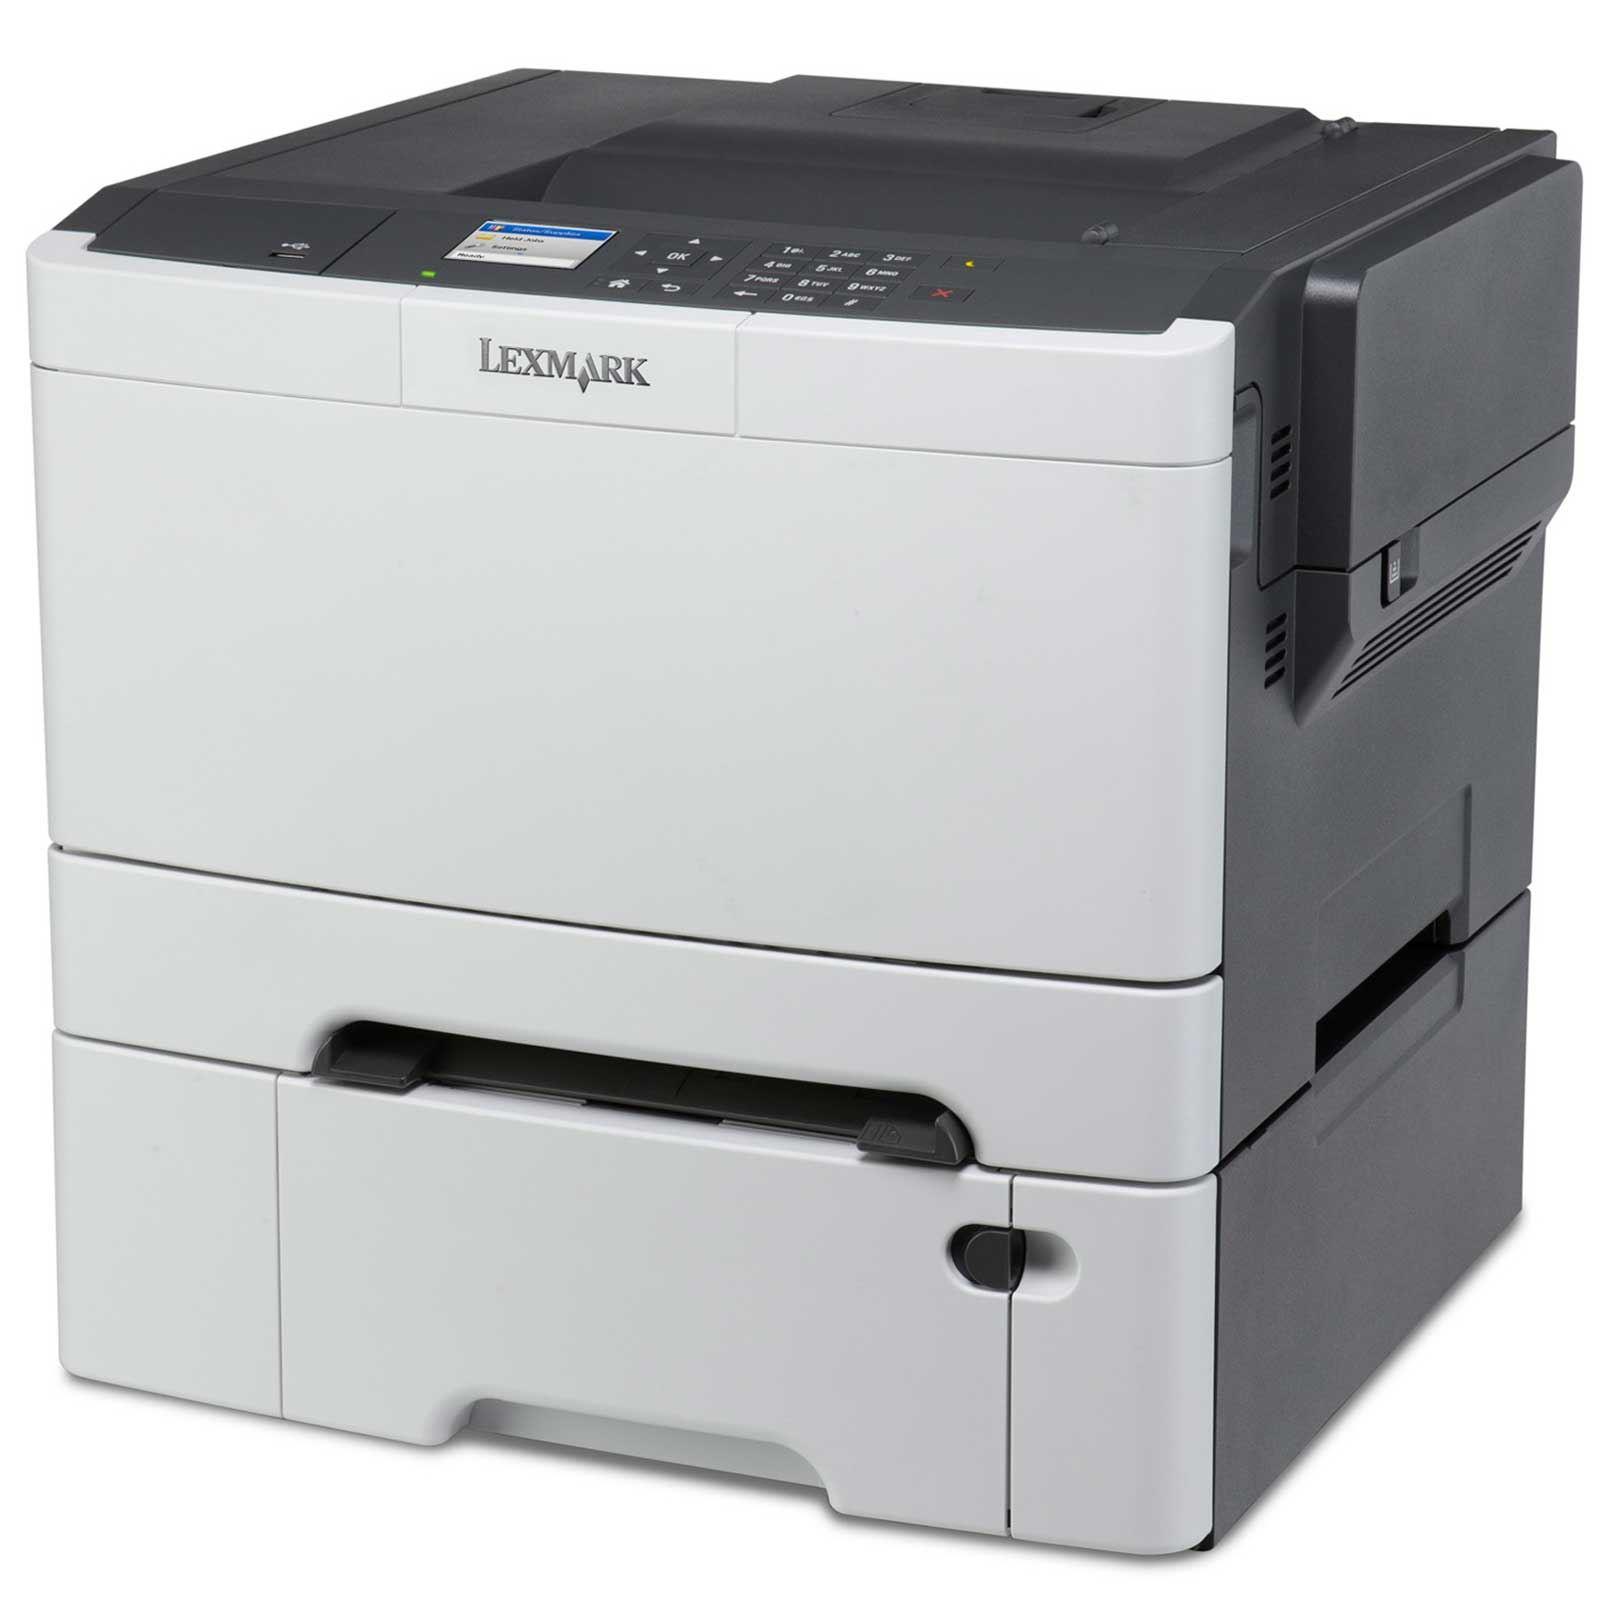 Lexmark CS410dtn,A4,1200x1200dpi,30ppm,duplex,LAN